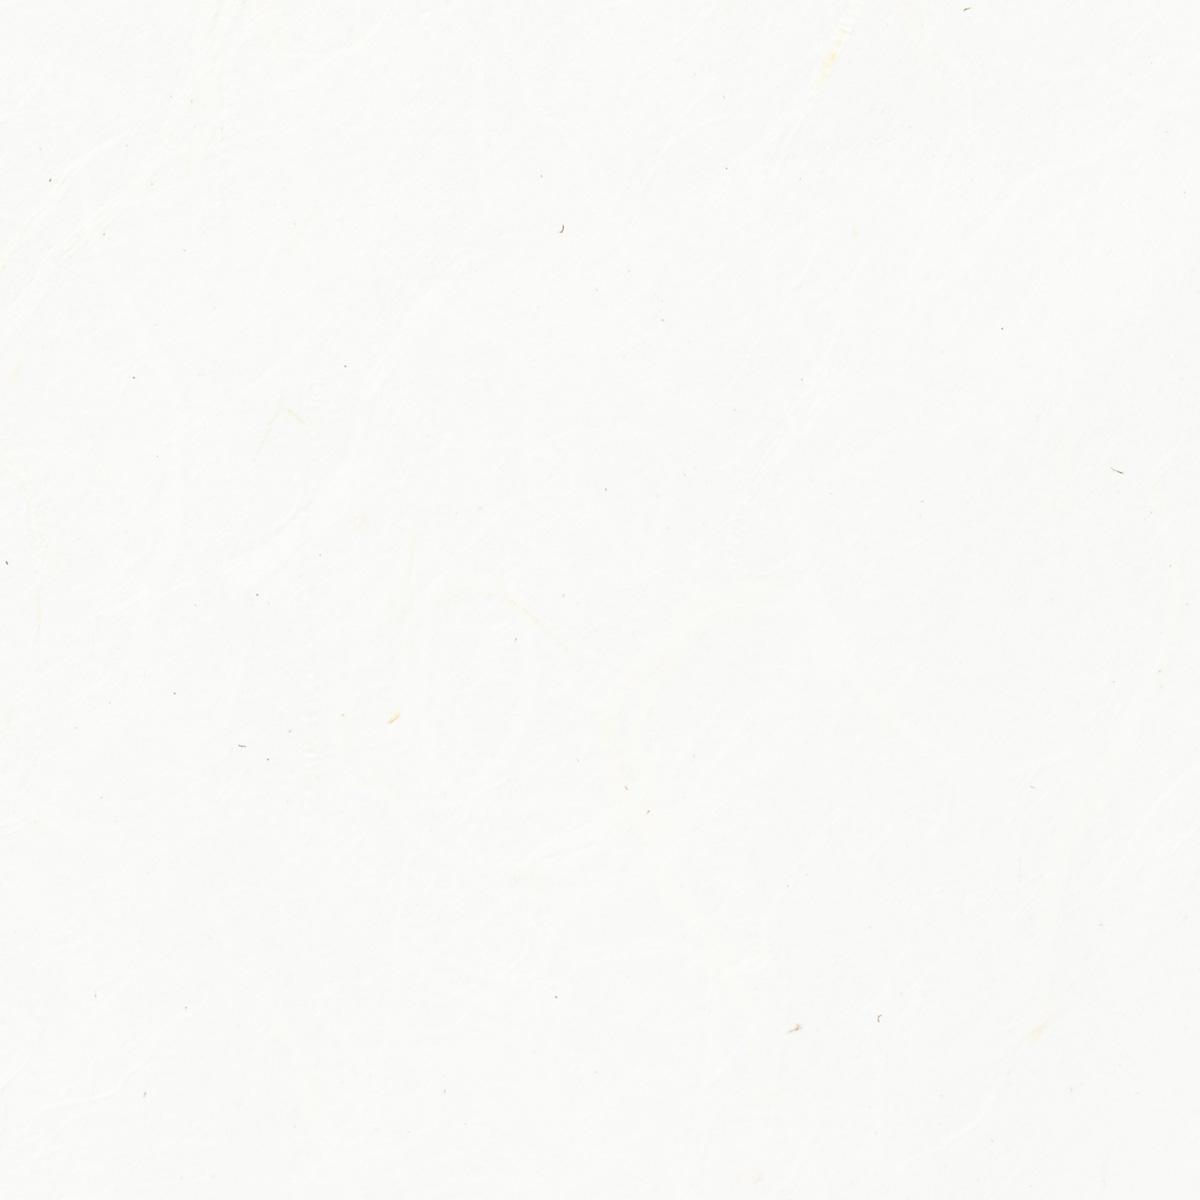 黒谷 文庫用原紙 雲龍厚口